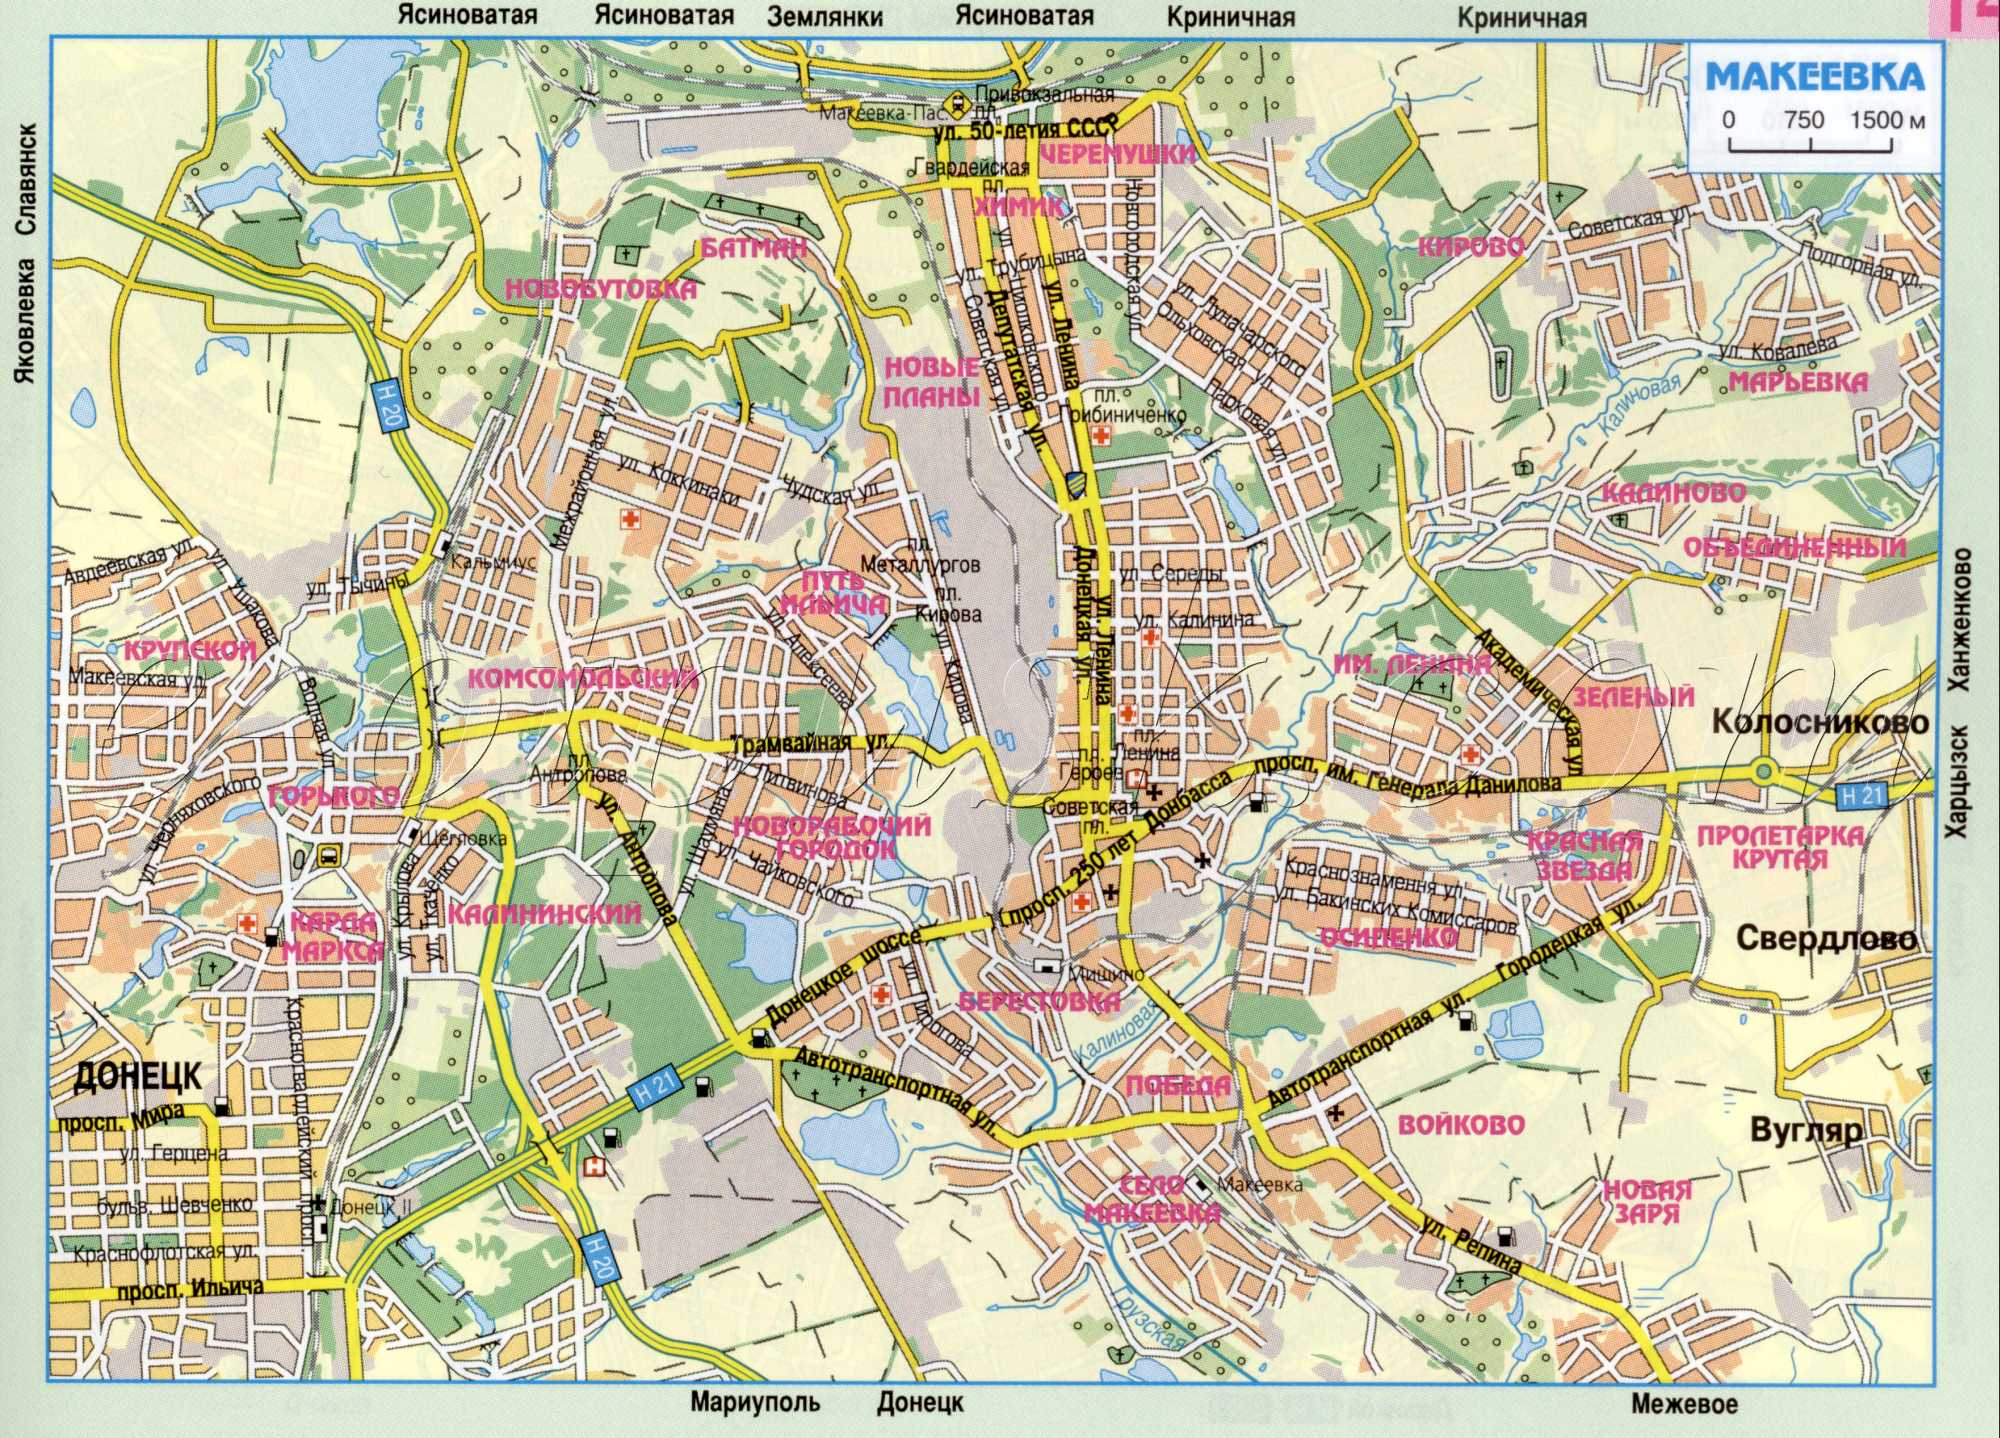 Карта города Макеевка